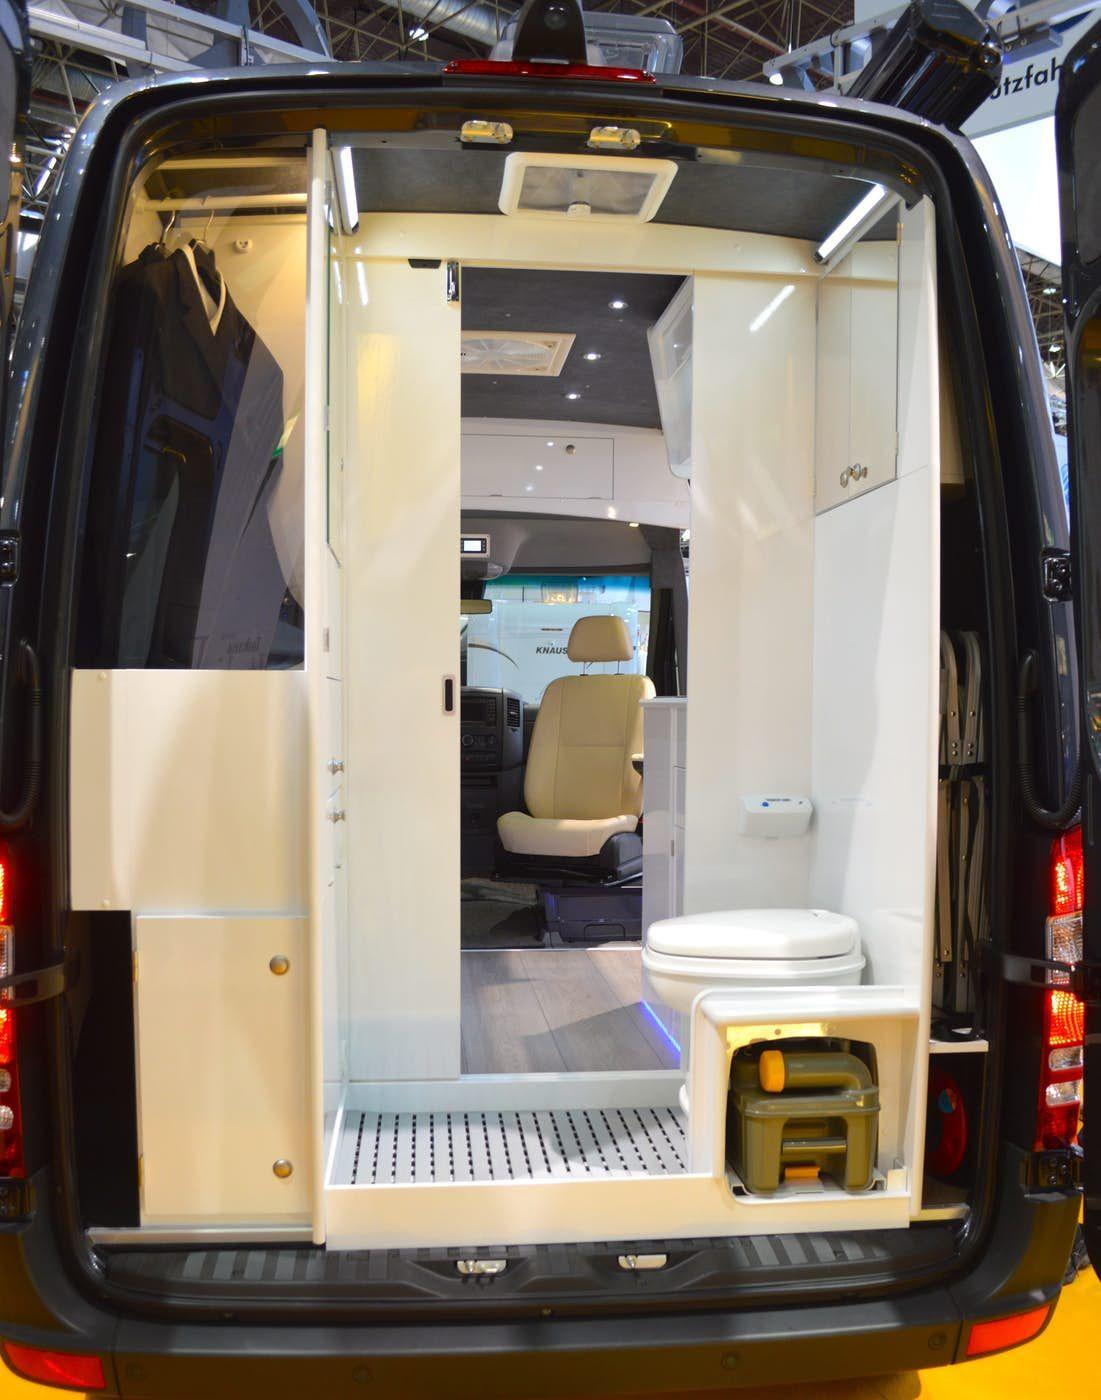 Best Toilet for Sprinter Van